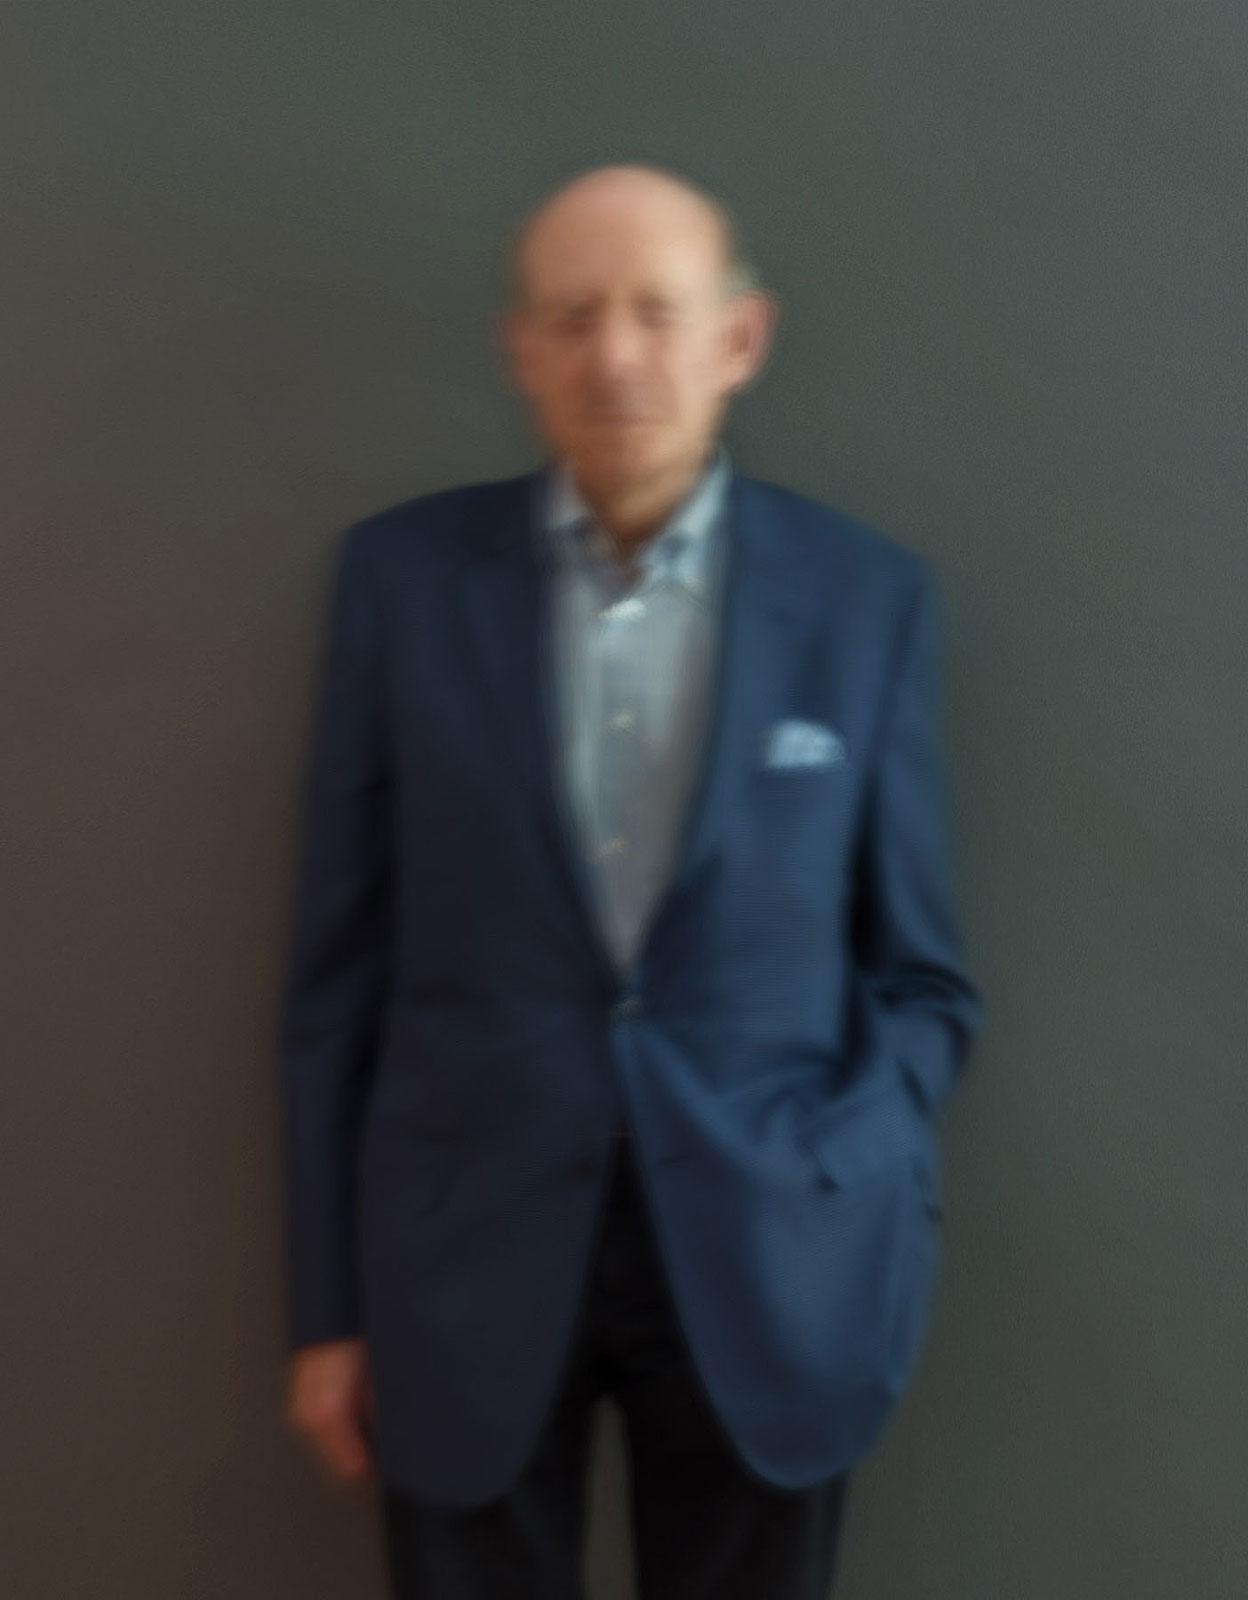 Ekkehard Storck (18.25 - 18.30 Uhr, 12.8.2013)